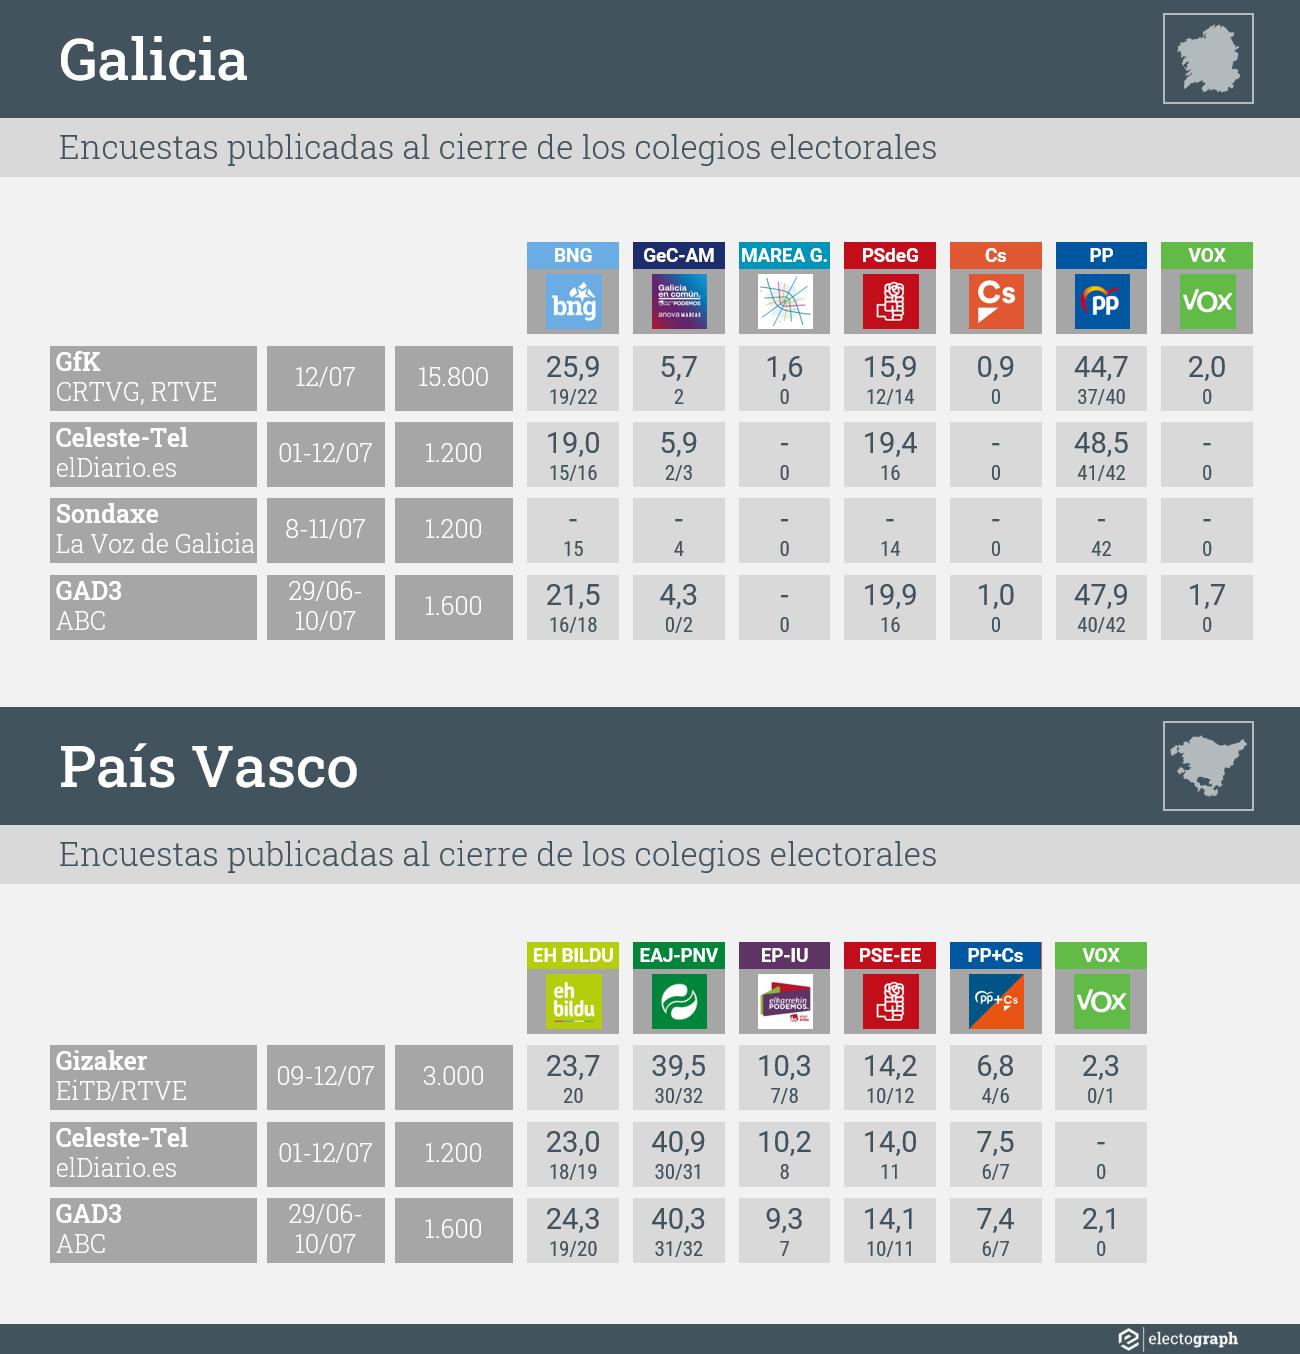 Encuestas publicadas para las elecciones autonómicas del 12 de julio de 2020 en Galicia y País Vasco al cierre de los colegios electorales